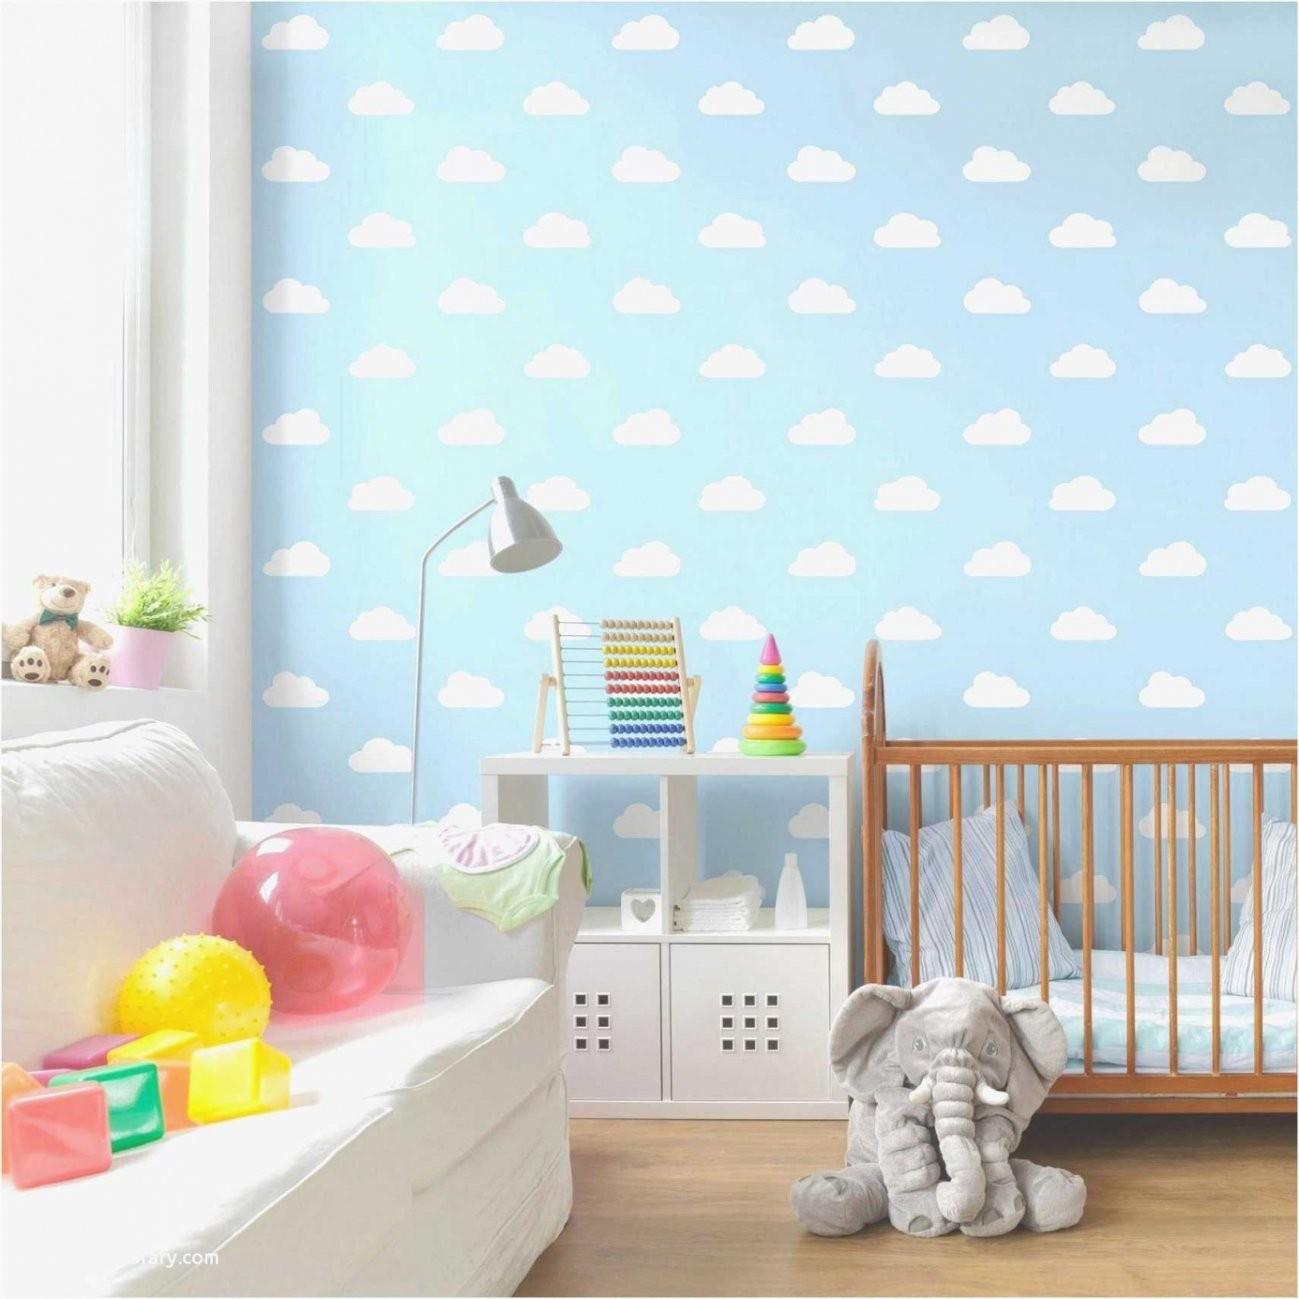 Kinderzimmer Streichen Vorlagen — Temobardz Home Blog von Vorlagen Wandbilder Für Kinderzimmer Photo